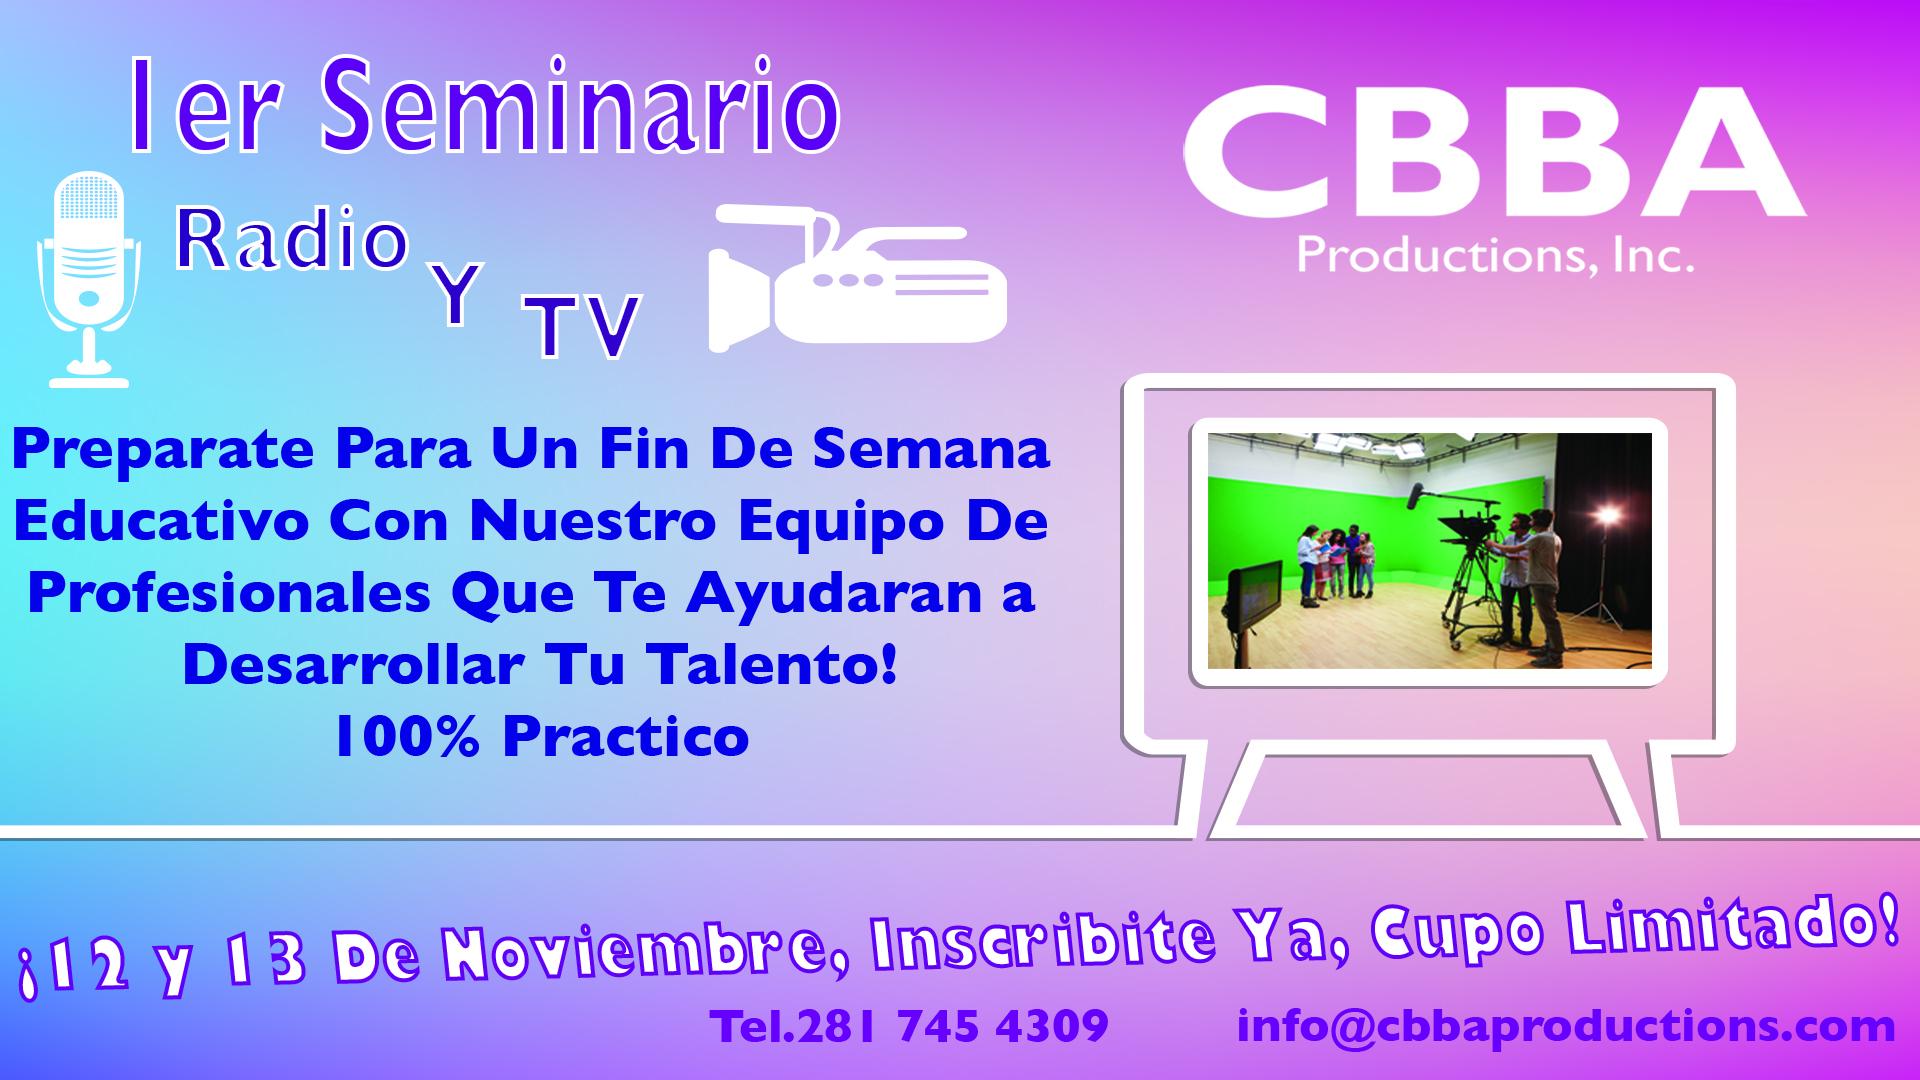 1er Seminario De Radio y TV